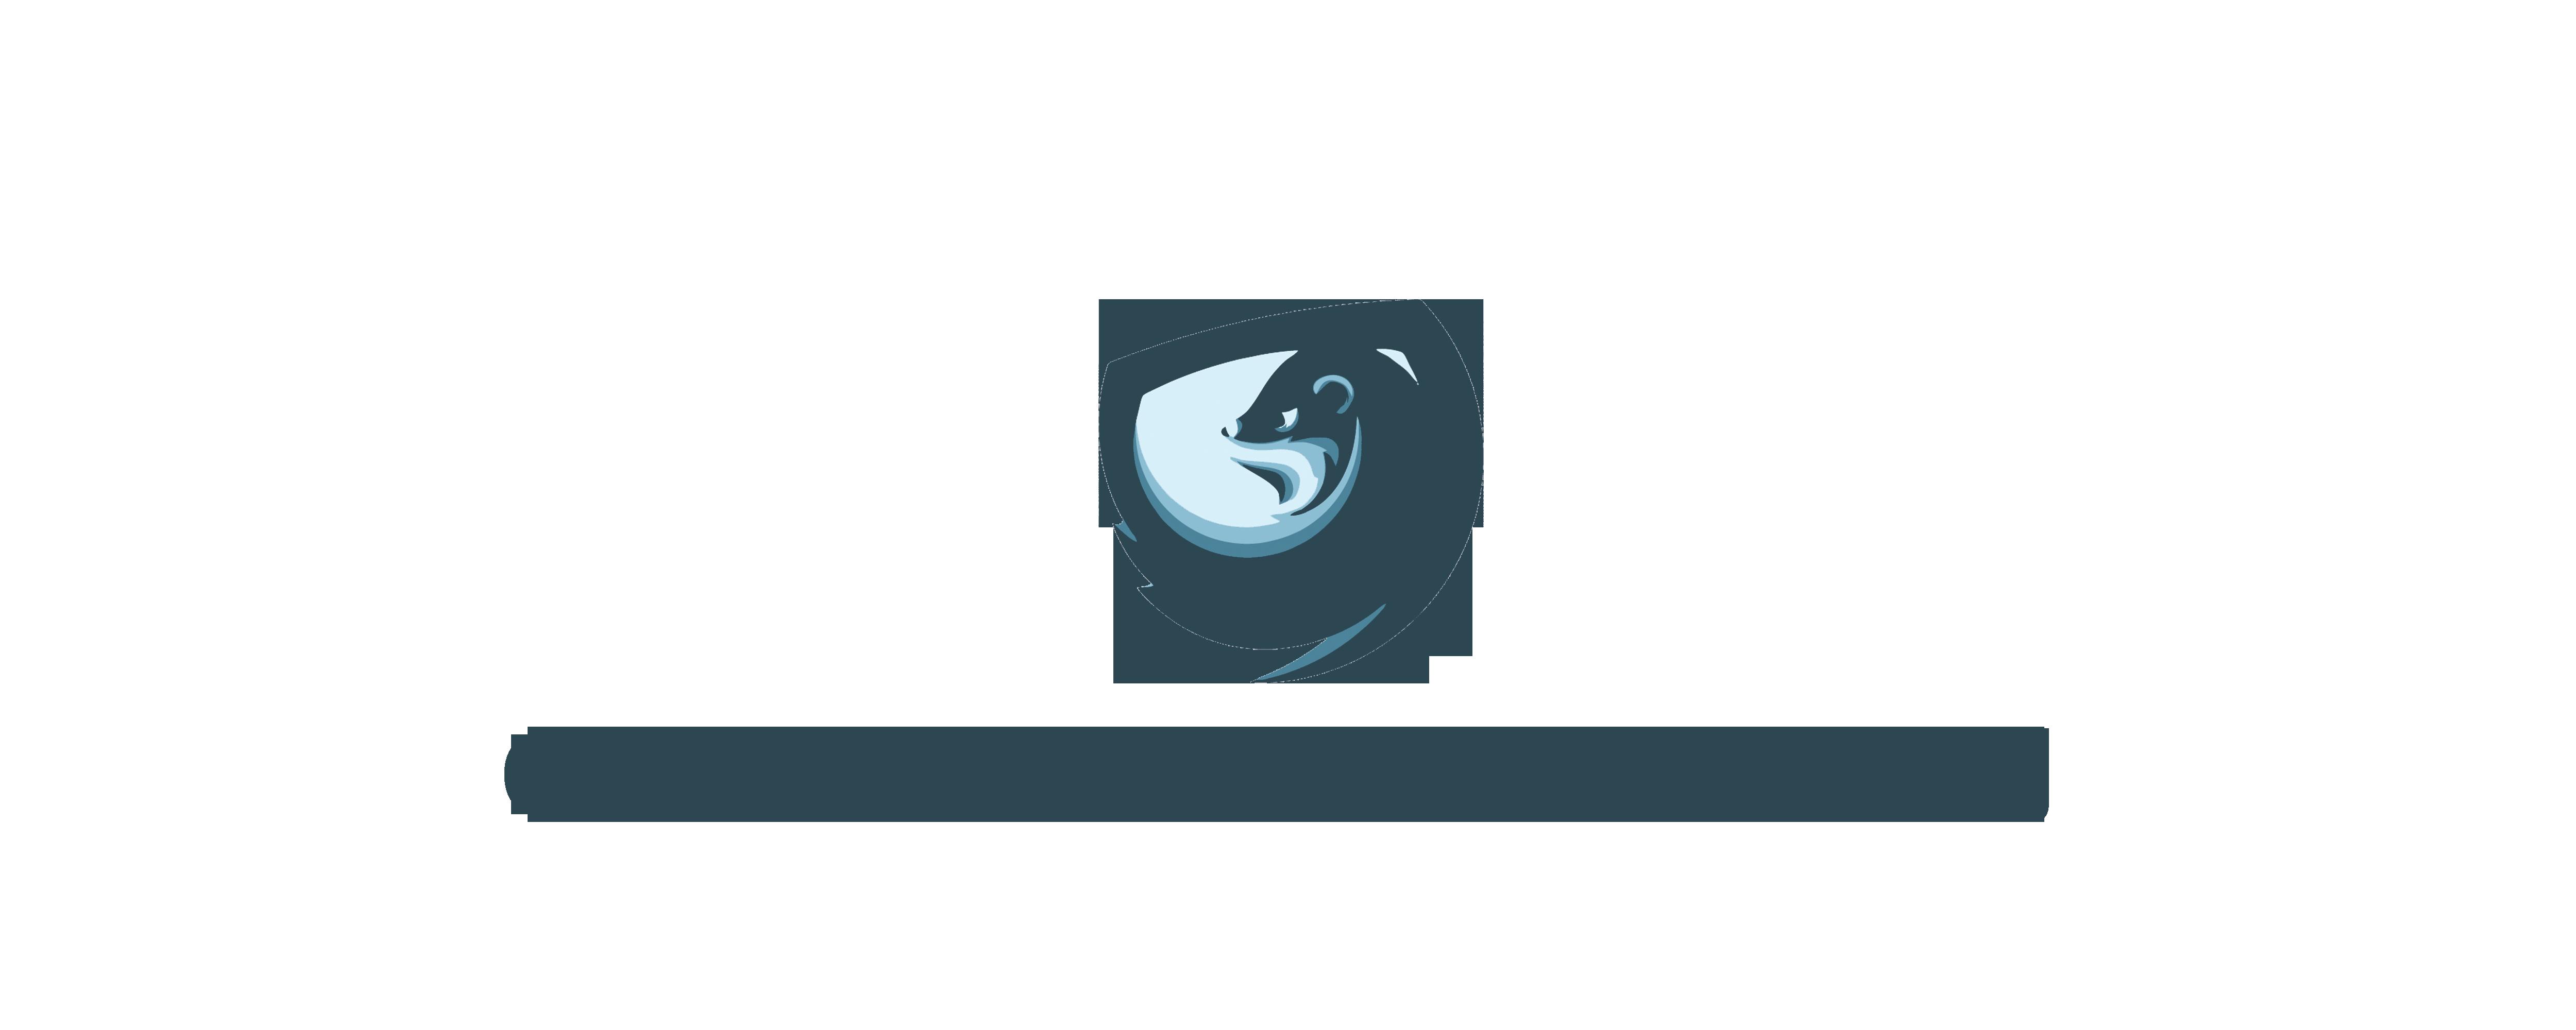 logo_OT_YSG1caoru